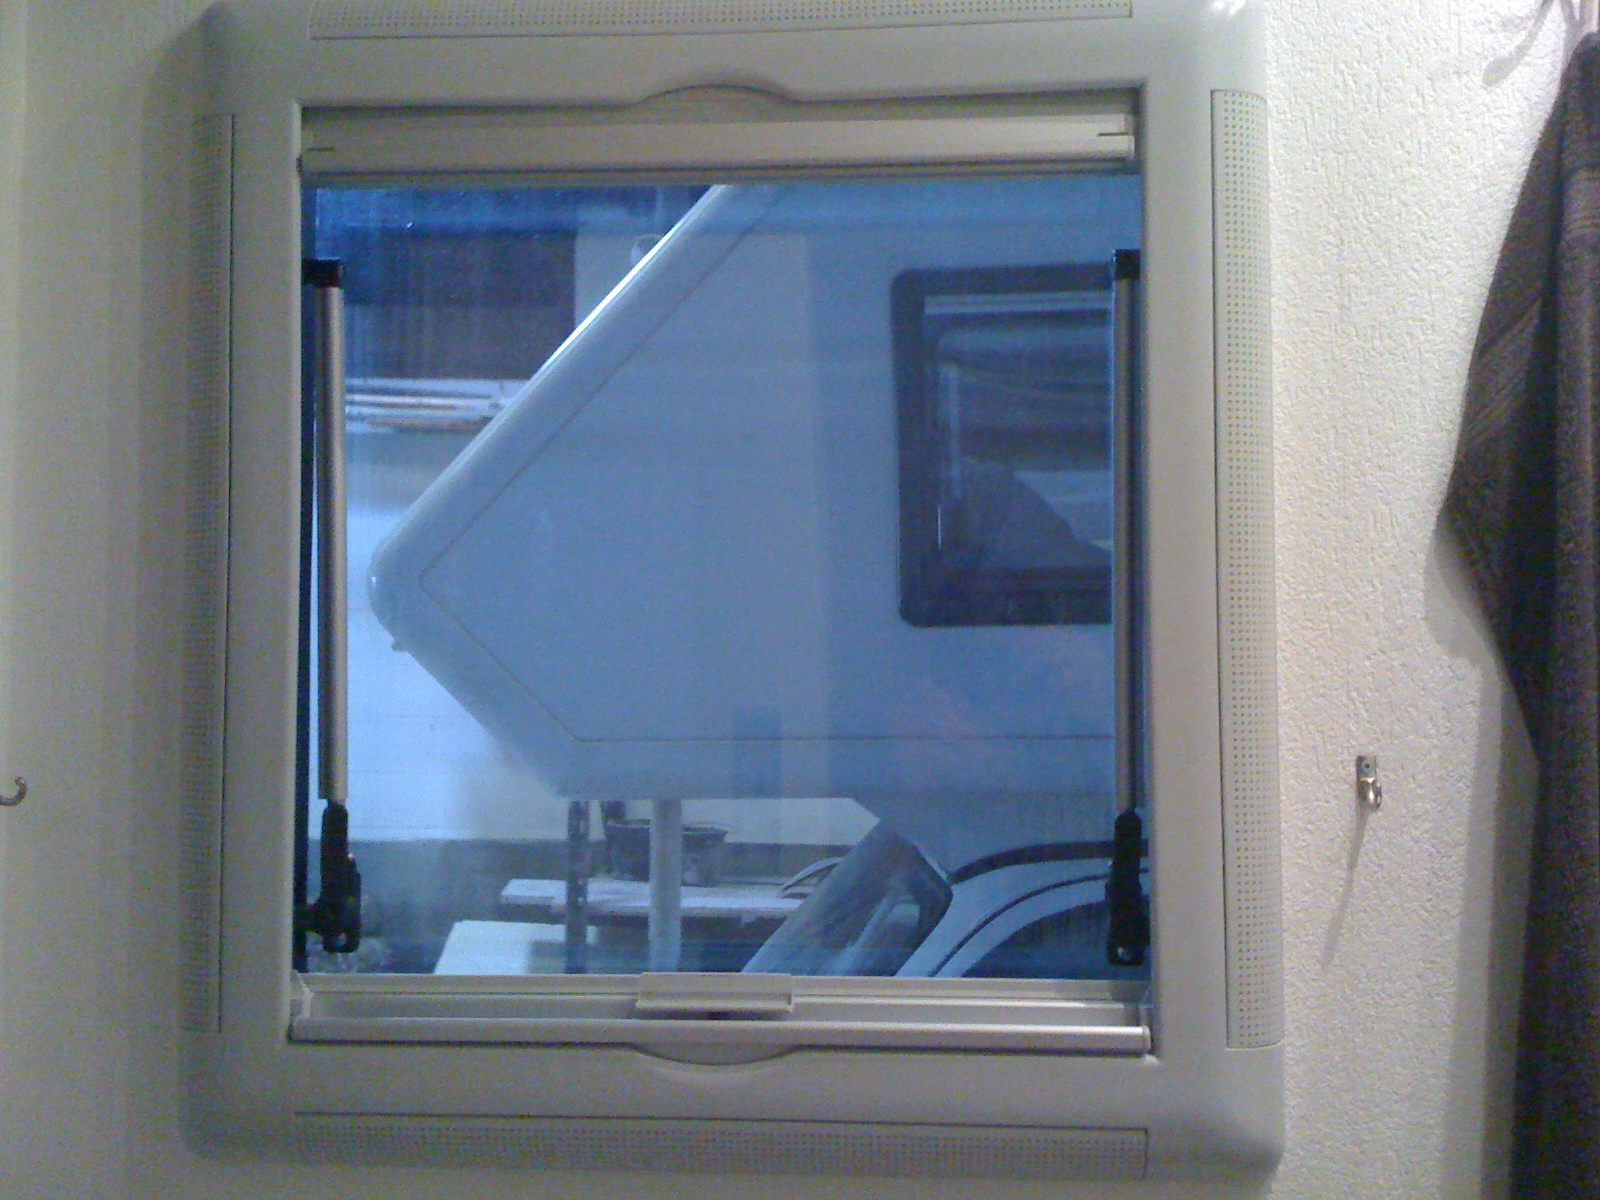 Seitz fenster ausbauen wie wohnmobil forum for Fenster wohnmobil